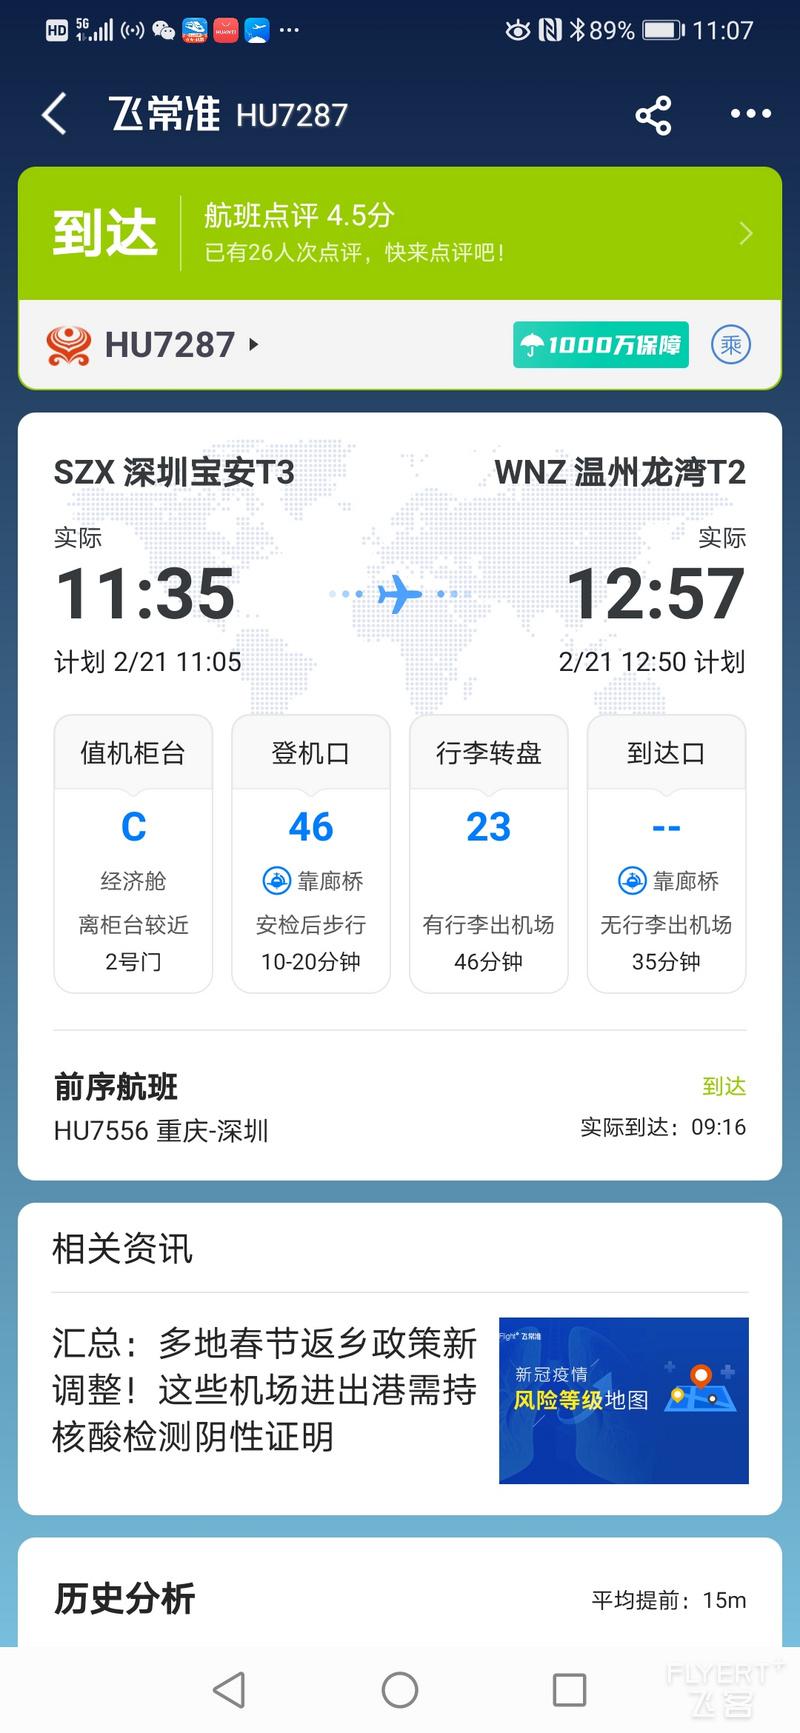 Screenshot_20210224_110748_vz.com.jpg